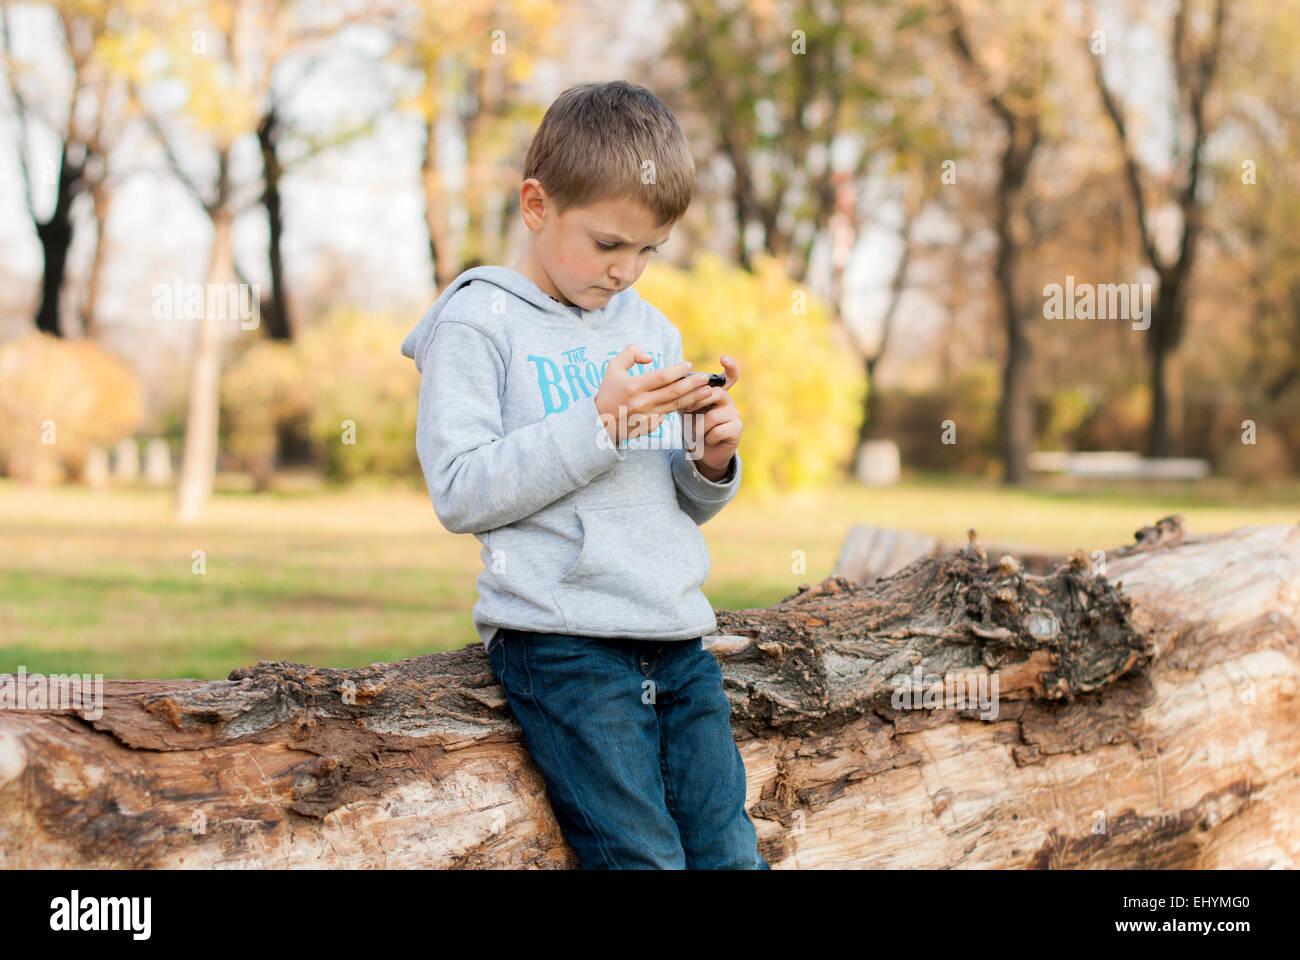 Niño recostado contra el tronco del árbol jugando en el dispositivo móvil en el parque Imagen De Stock